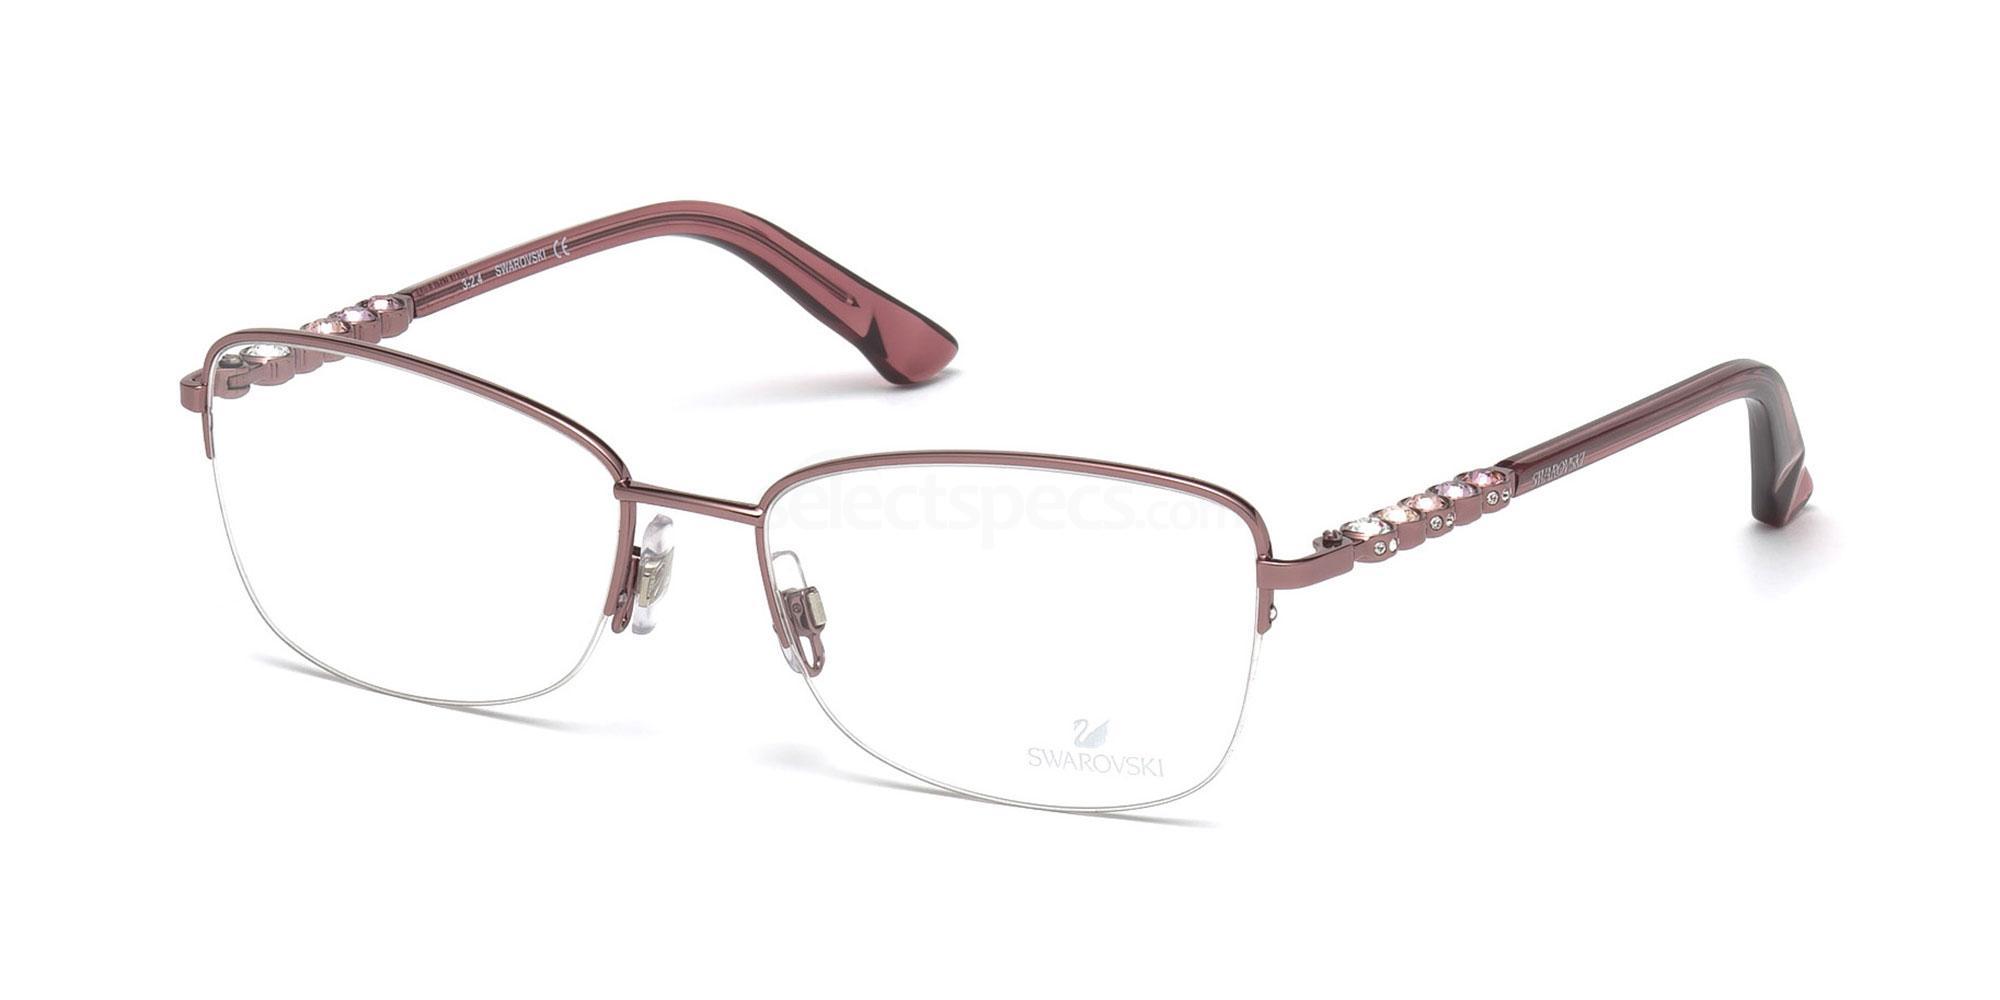 072 SK5140 FELICIA Glasses, Swarovski